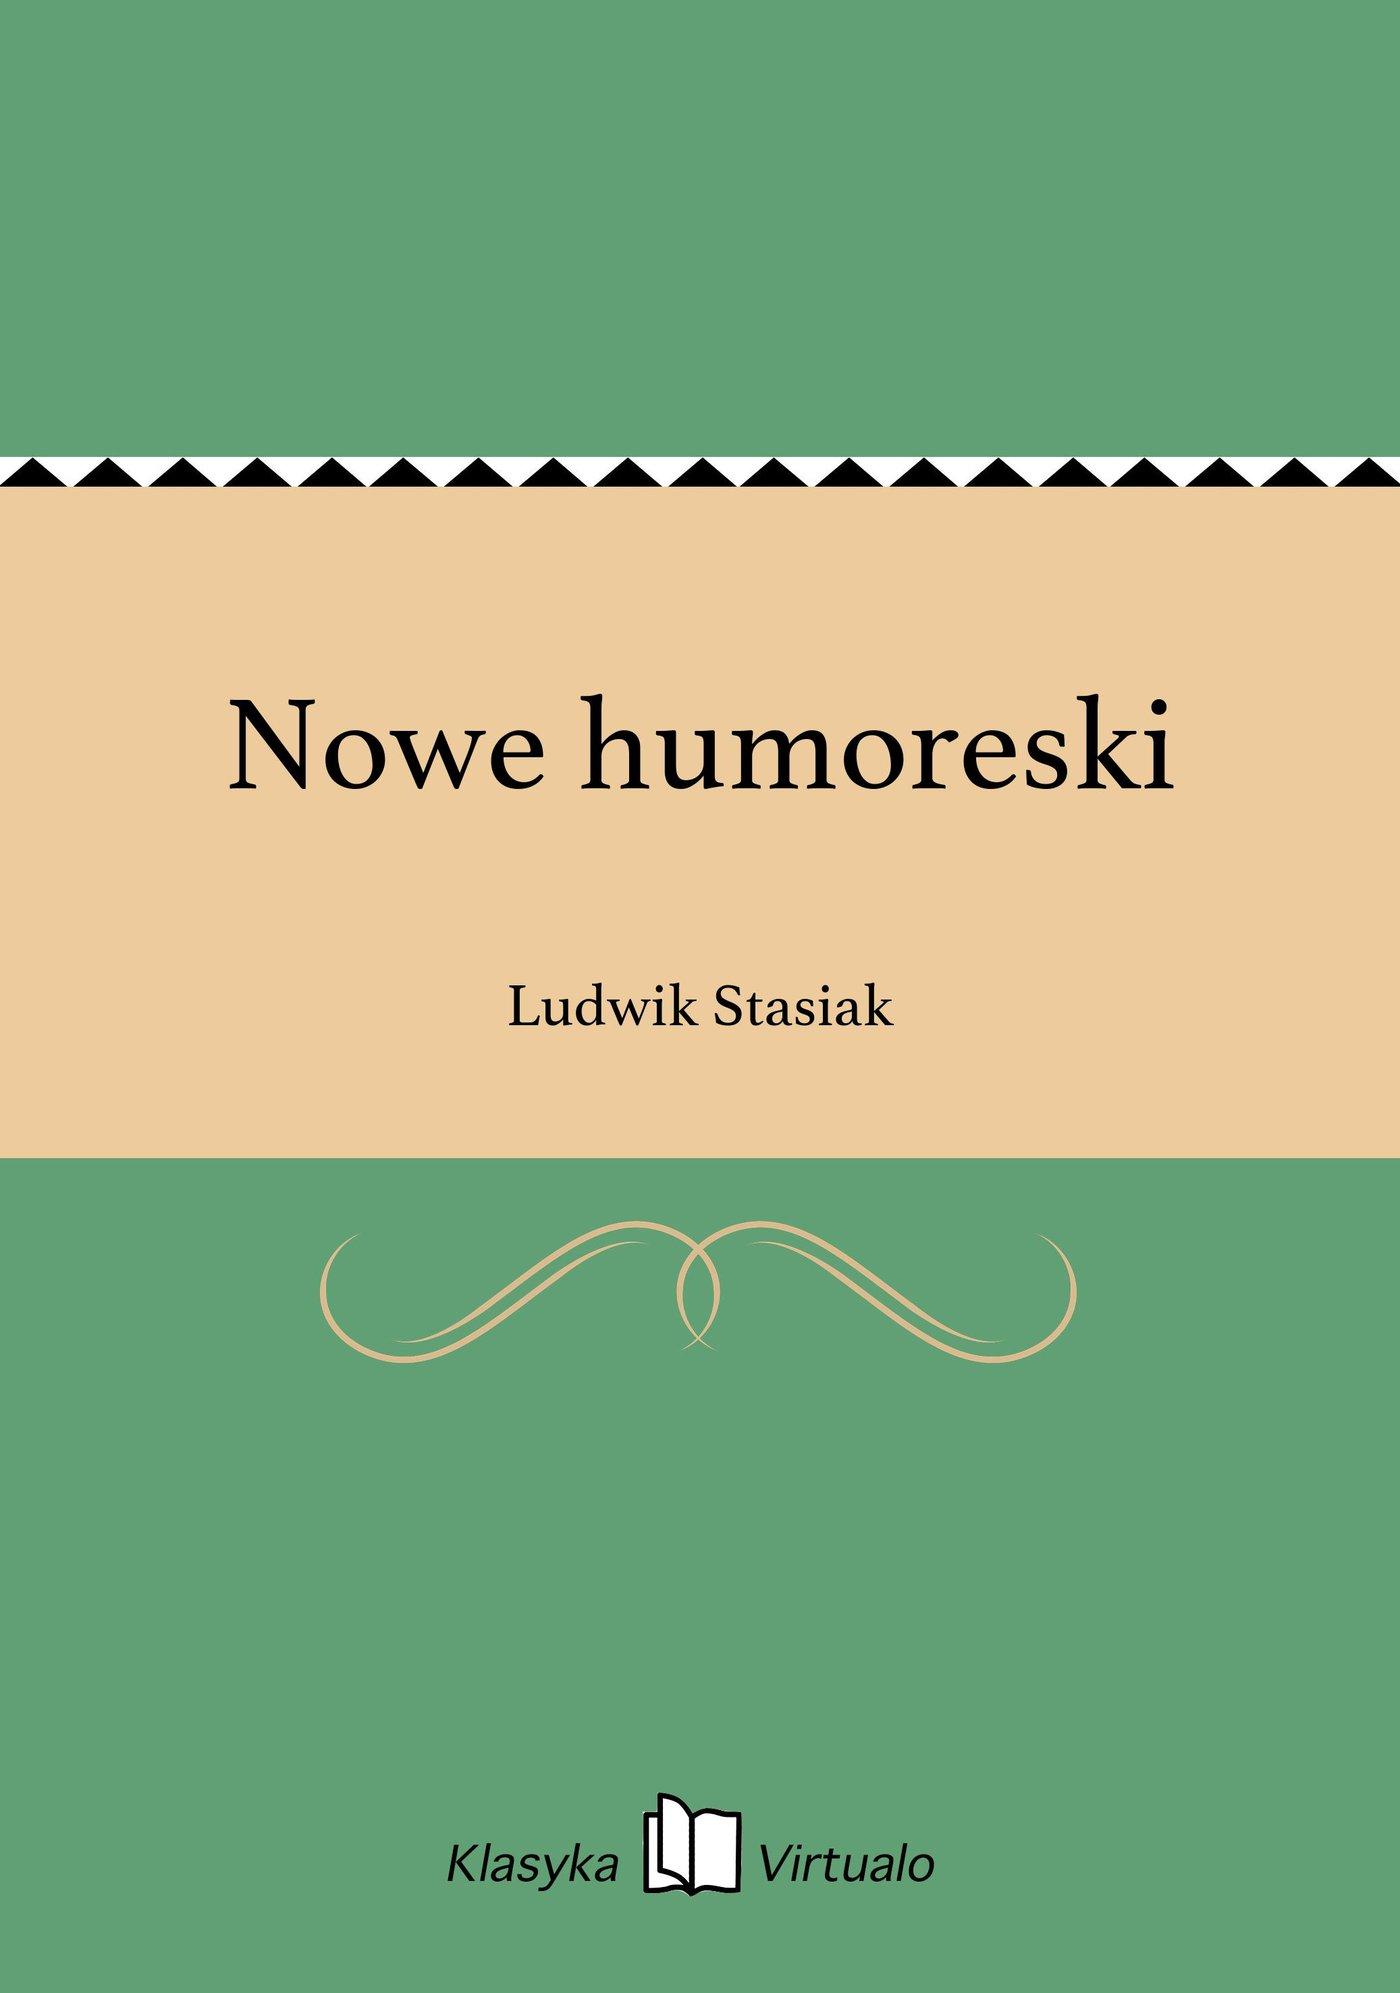 Nowe humoreski - Ebook (Książka EPUB) do pobrania w formacie EPUB